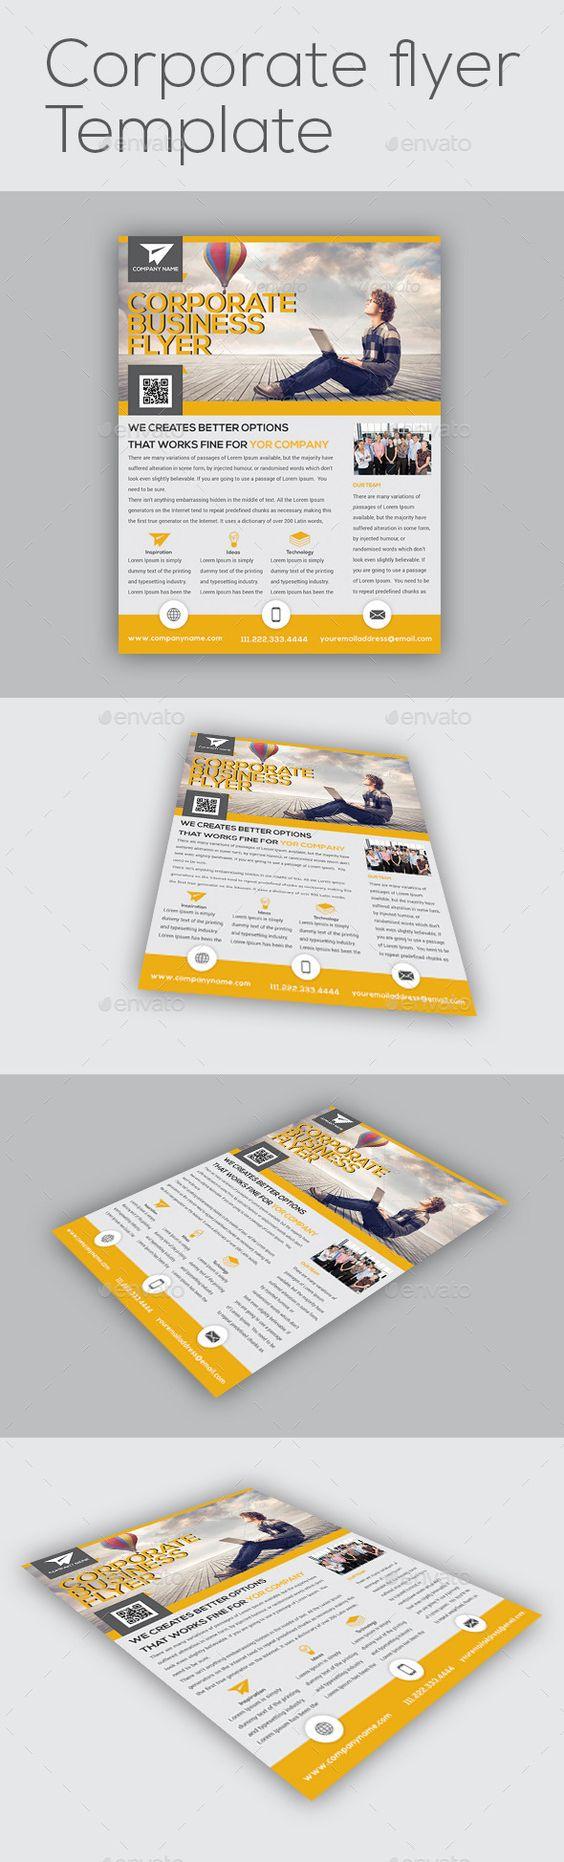 business flyer template flyer template business flyer templates business flyer template corporate flyers